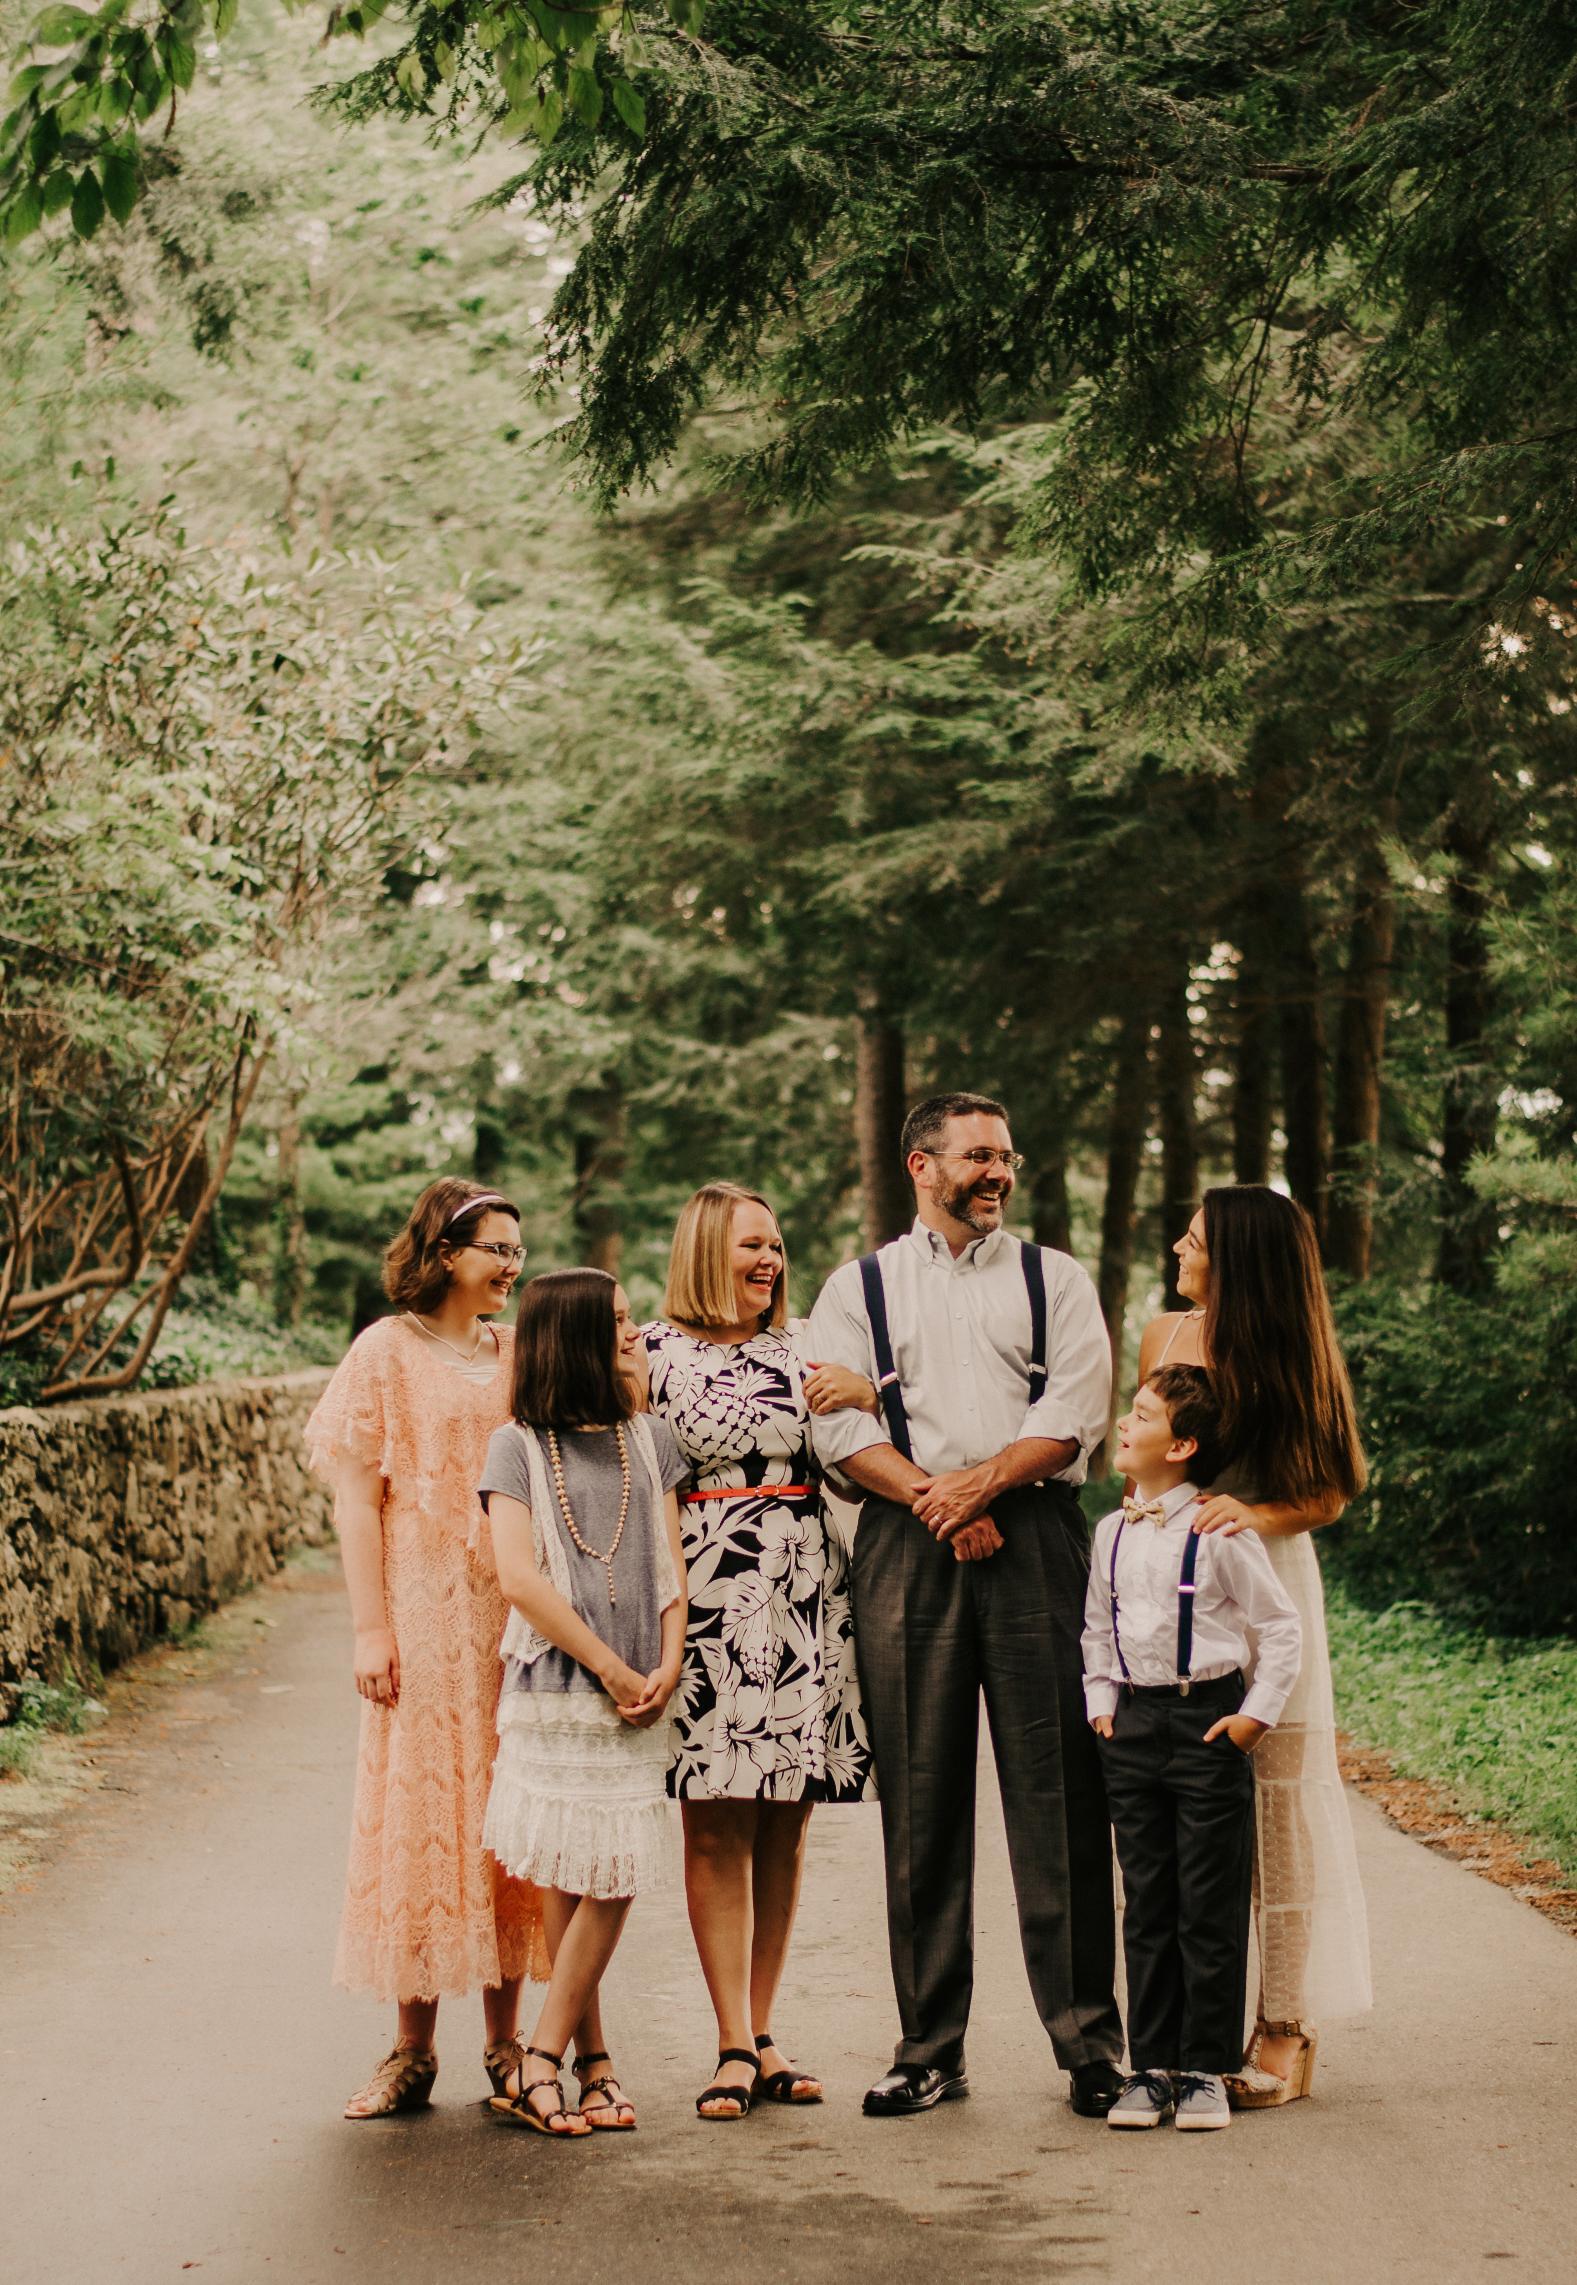 Family-portrait-lobel-family.jpg.